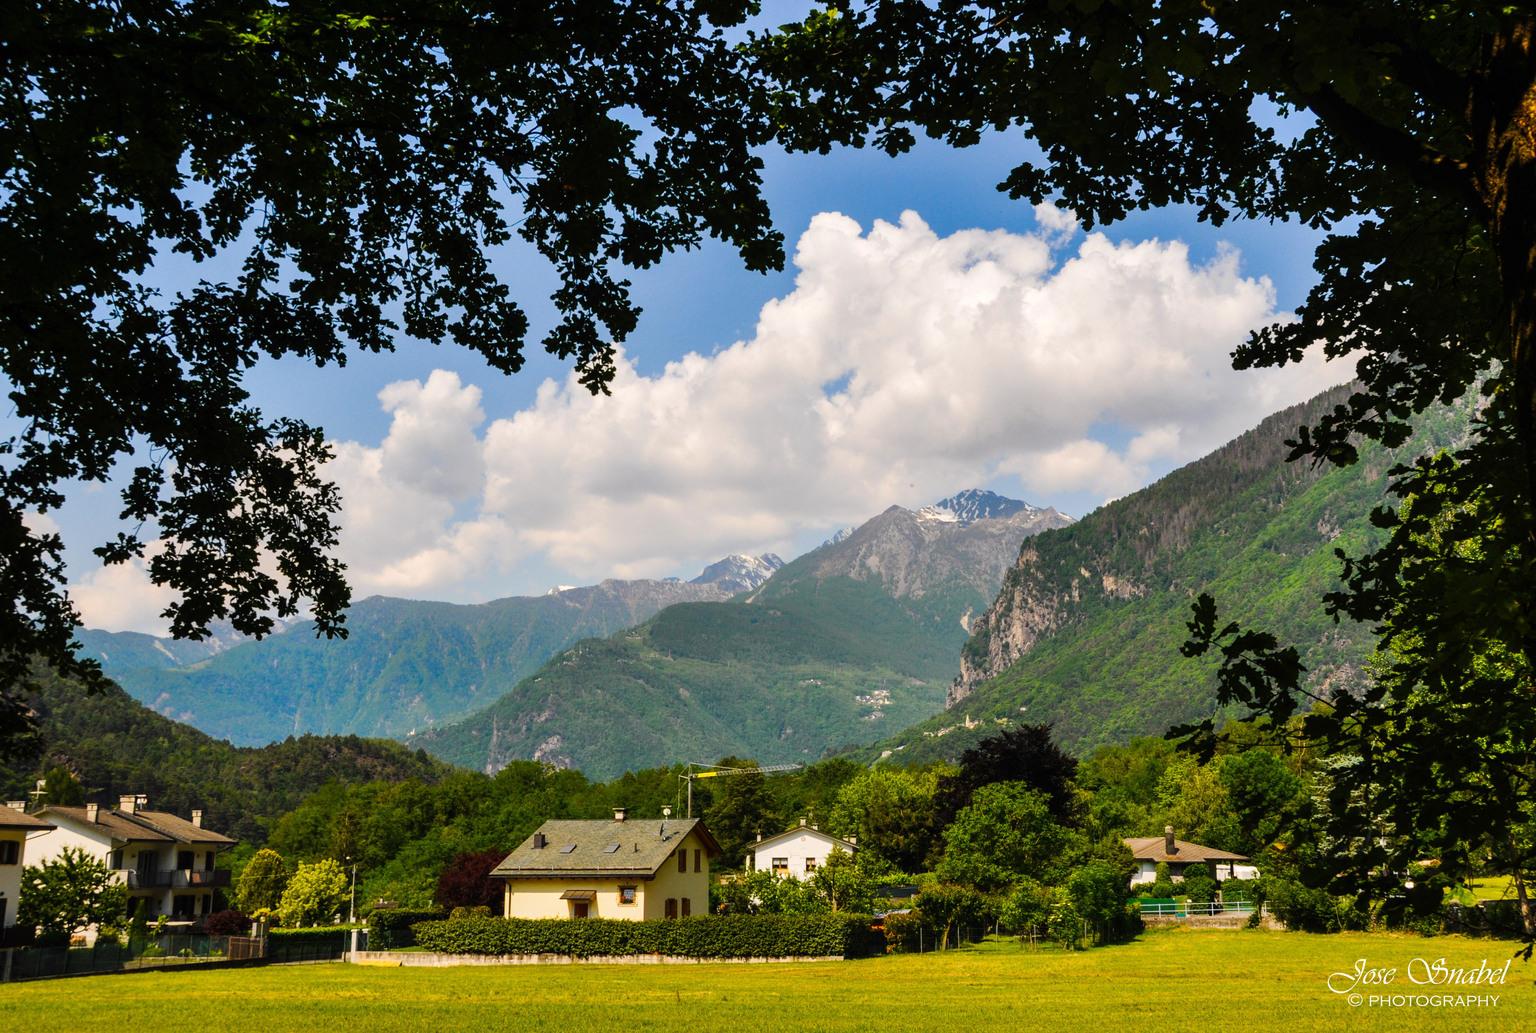 Italië, Piuro - Deze mooie plek met verschillende watervallen ligt in Italë. In de provincie Sondrio. Het is er heerlijk om te wandelen. Met heel veel mooie beekjes  - foto door Twist_zoom op 15-04-2021 - locatie: 23100 Sondrio, Italië - deze foto bevat: wolk, lucht, fabriek, berg, groen, boom, natuurlijk landschap, hoogland, gras, zonlicht